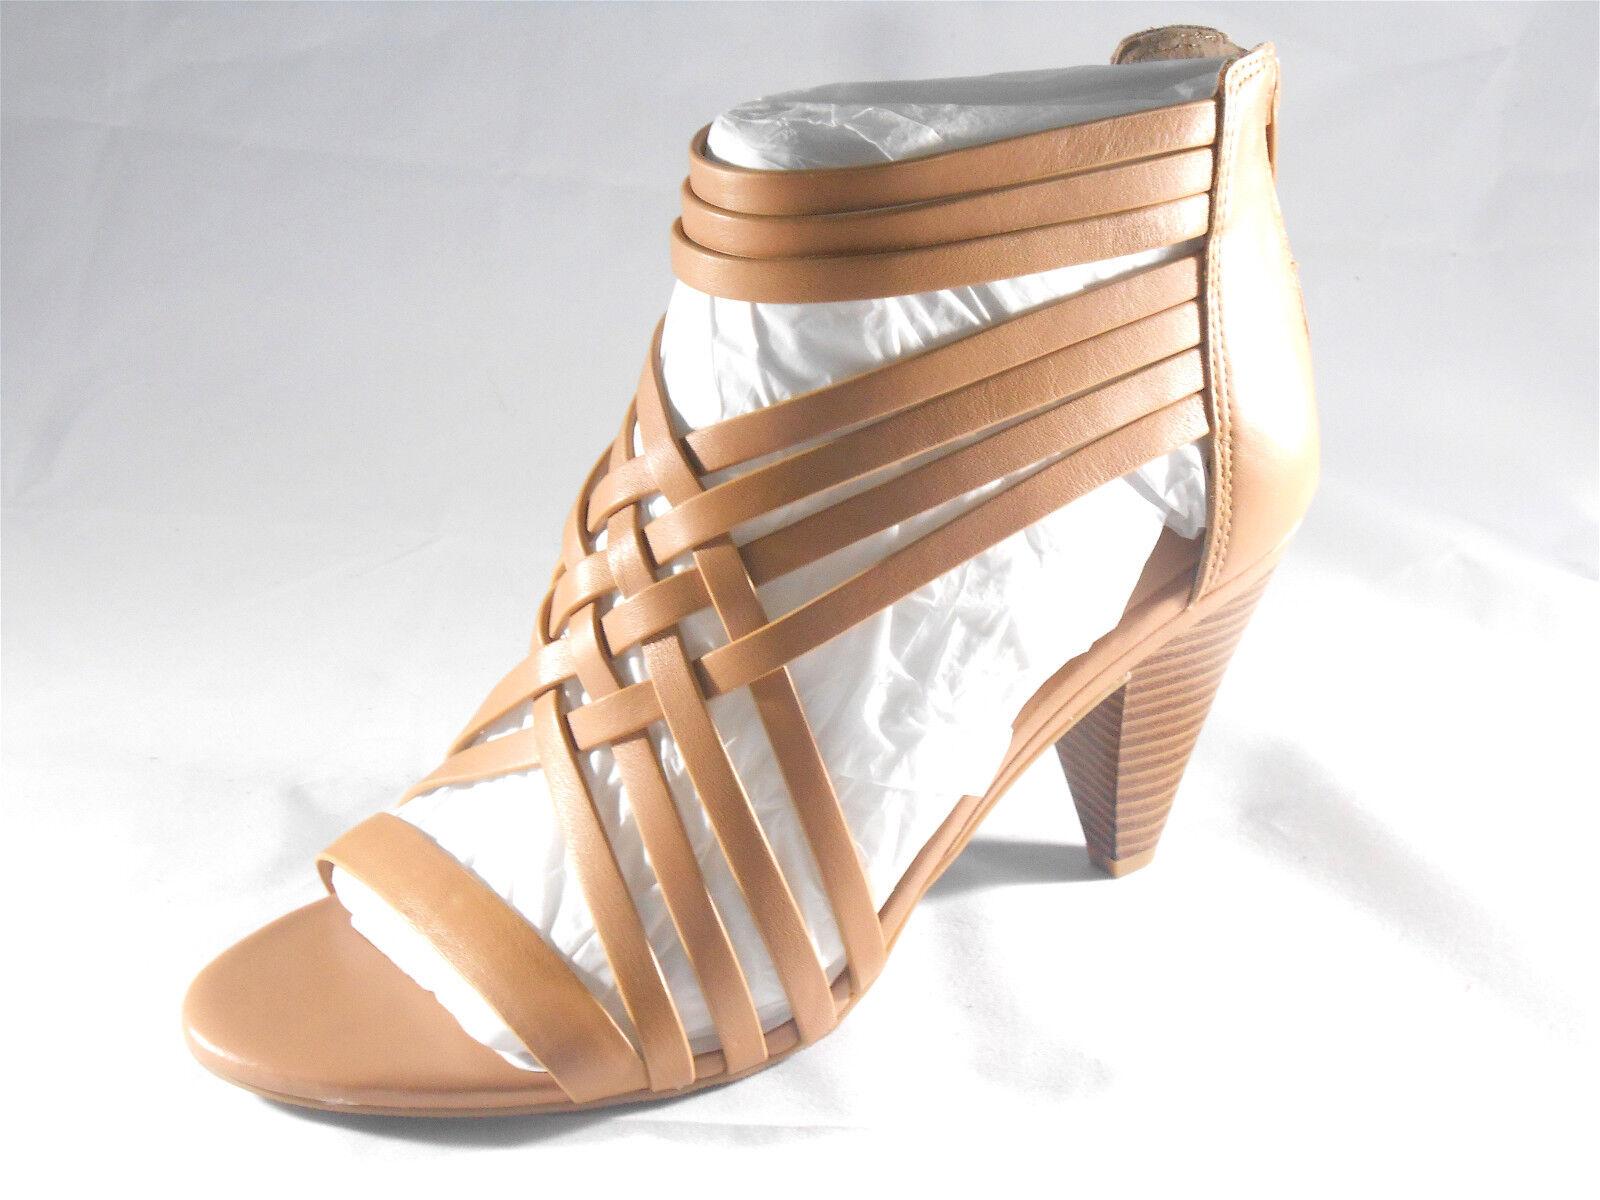 Inclus International Concepts (Garold, bout ouvert talon sandale) femme Taille 9.5 neuf